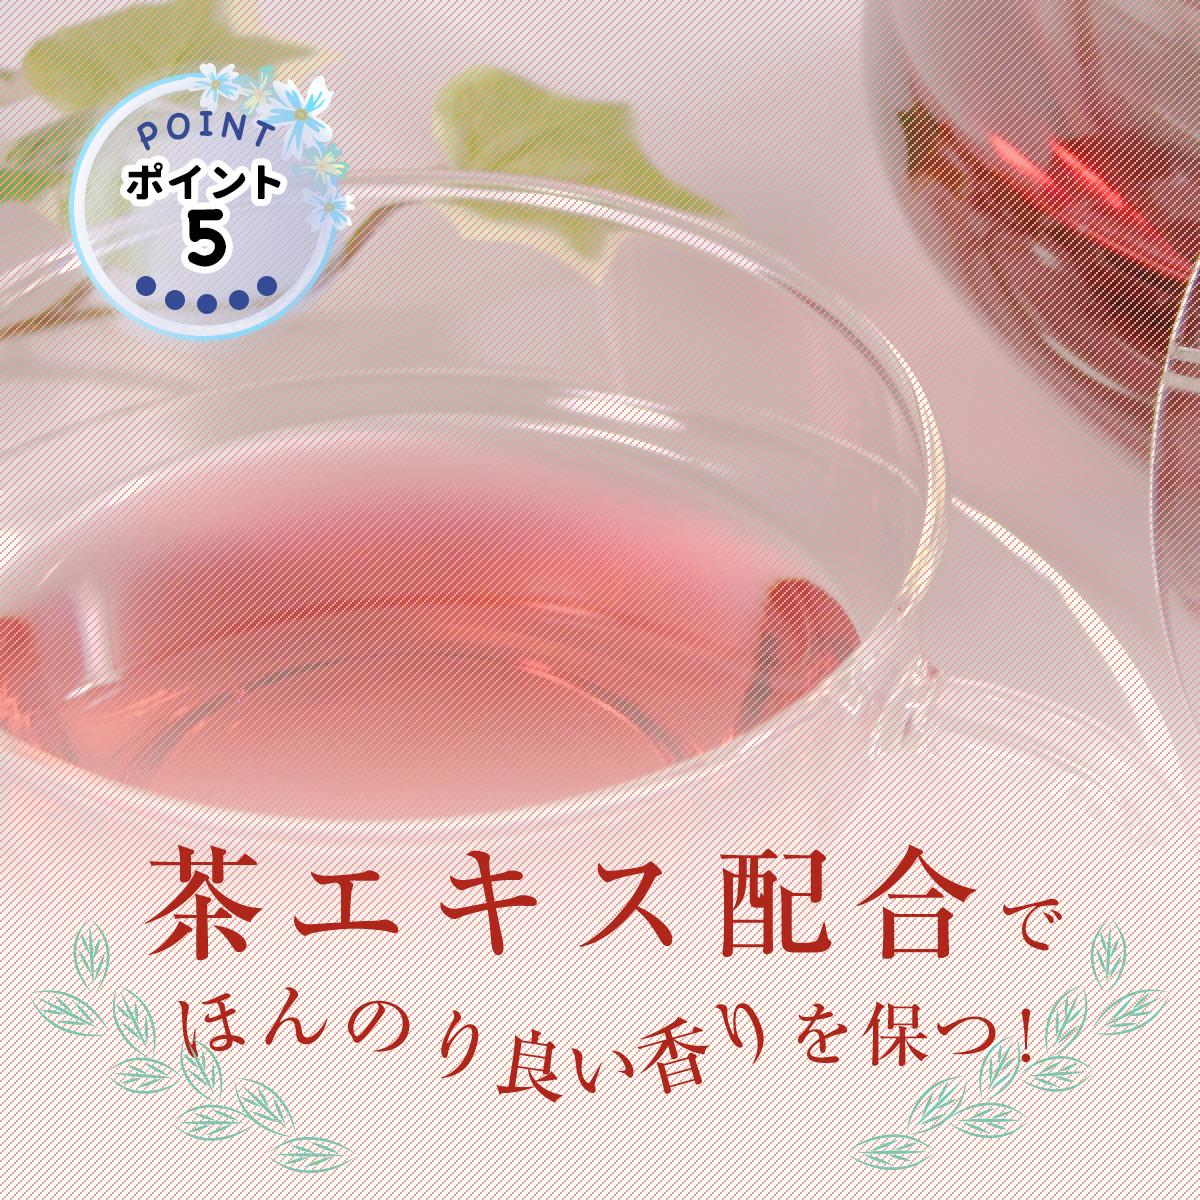 茶エキス配合でほんのり良い香りを保つ!